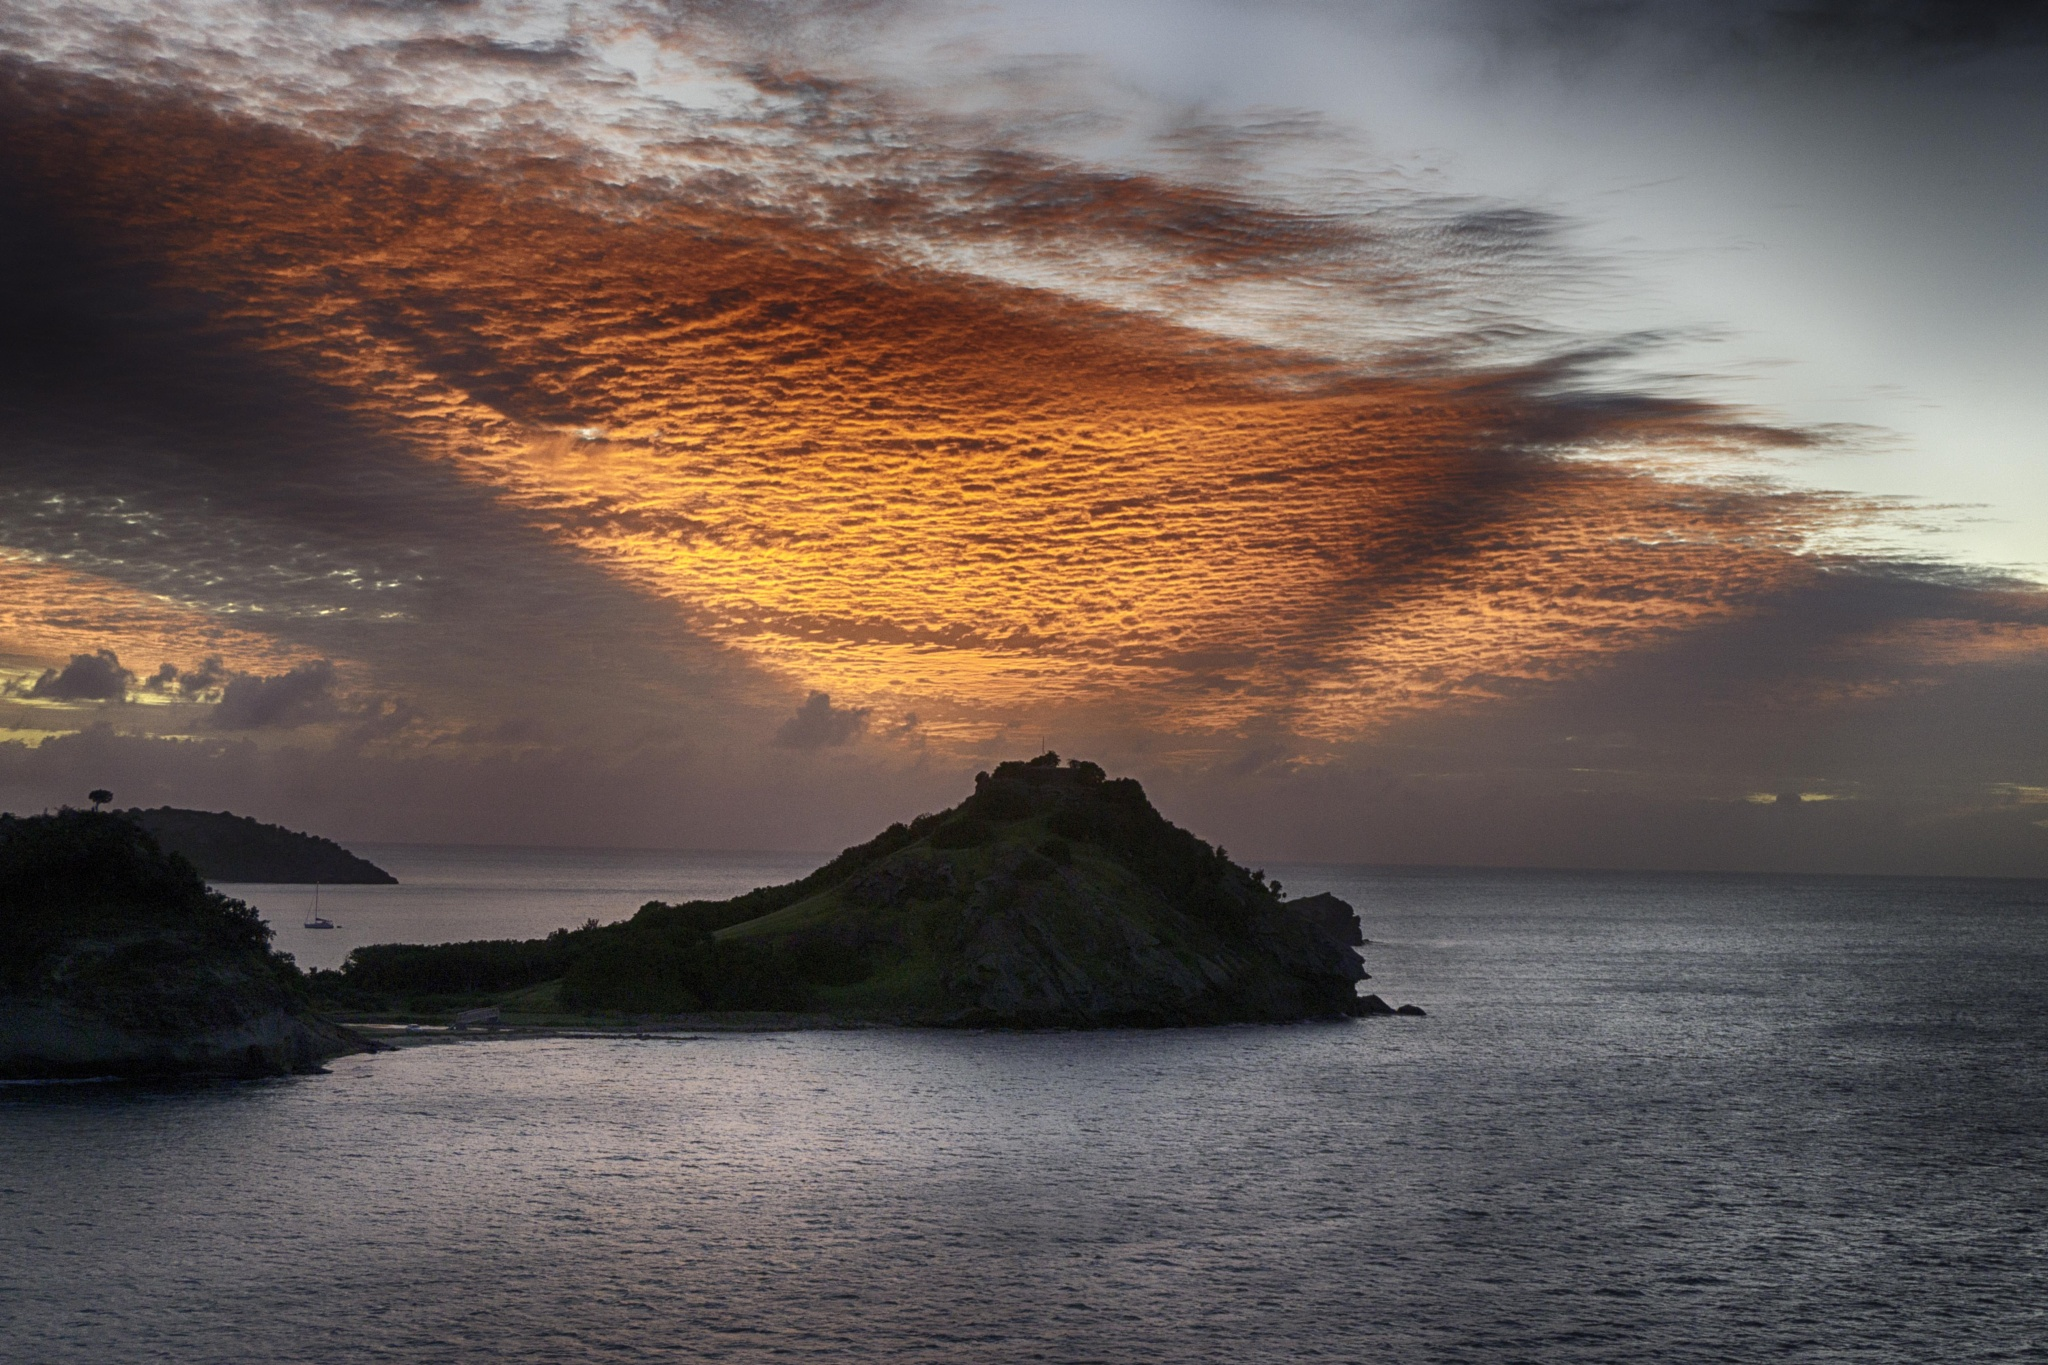 Antigua Sunset by Brian Scott